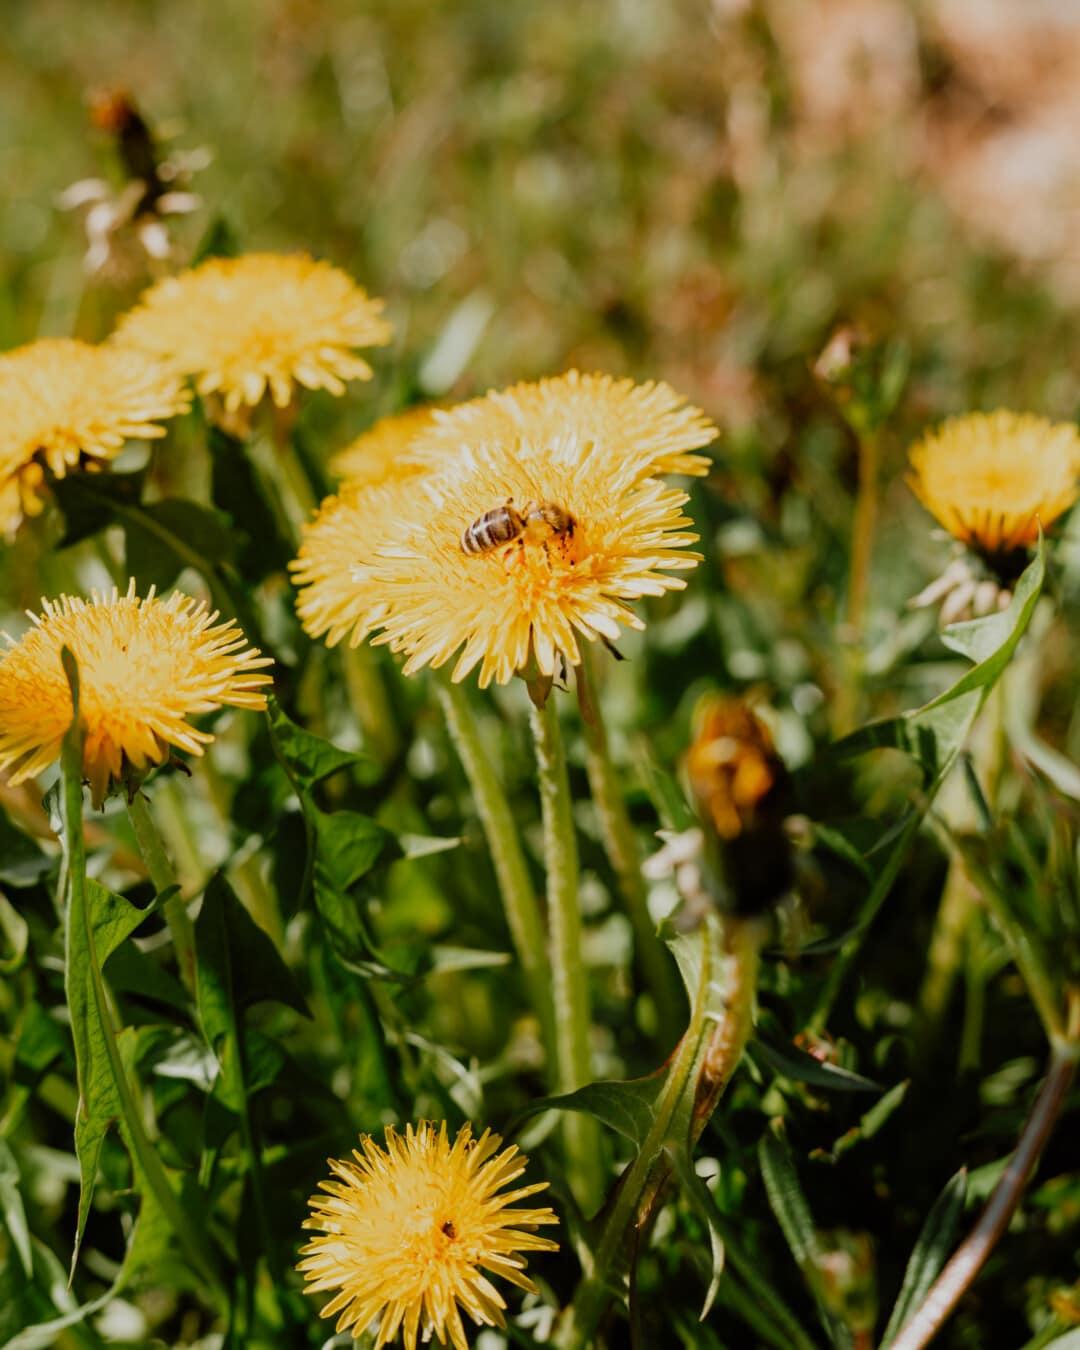 Löwenzahn, Honigbiene, bestäubenden, Sommerzeit, grasbewachsenen, Gras, Pollen, gelb, Kraut, Sommer